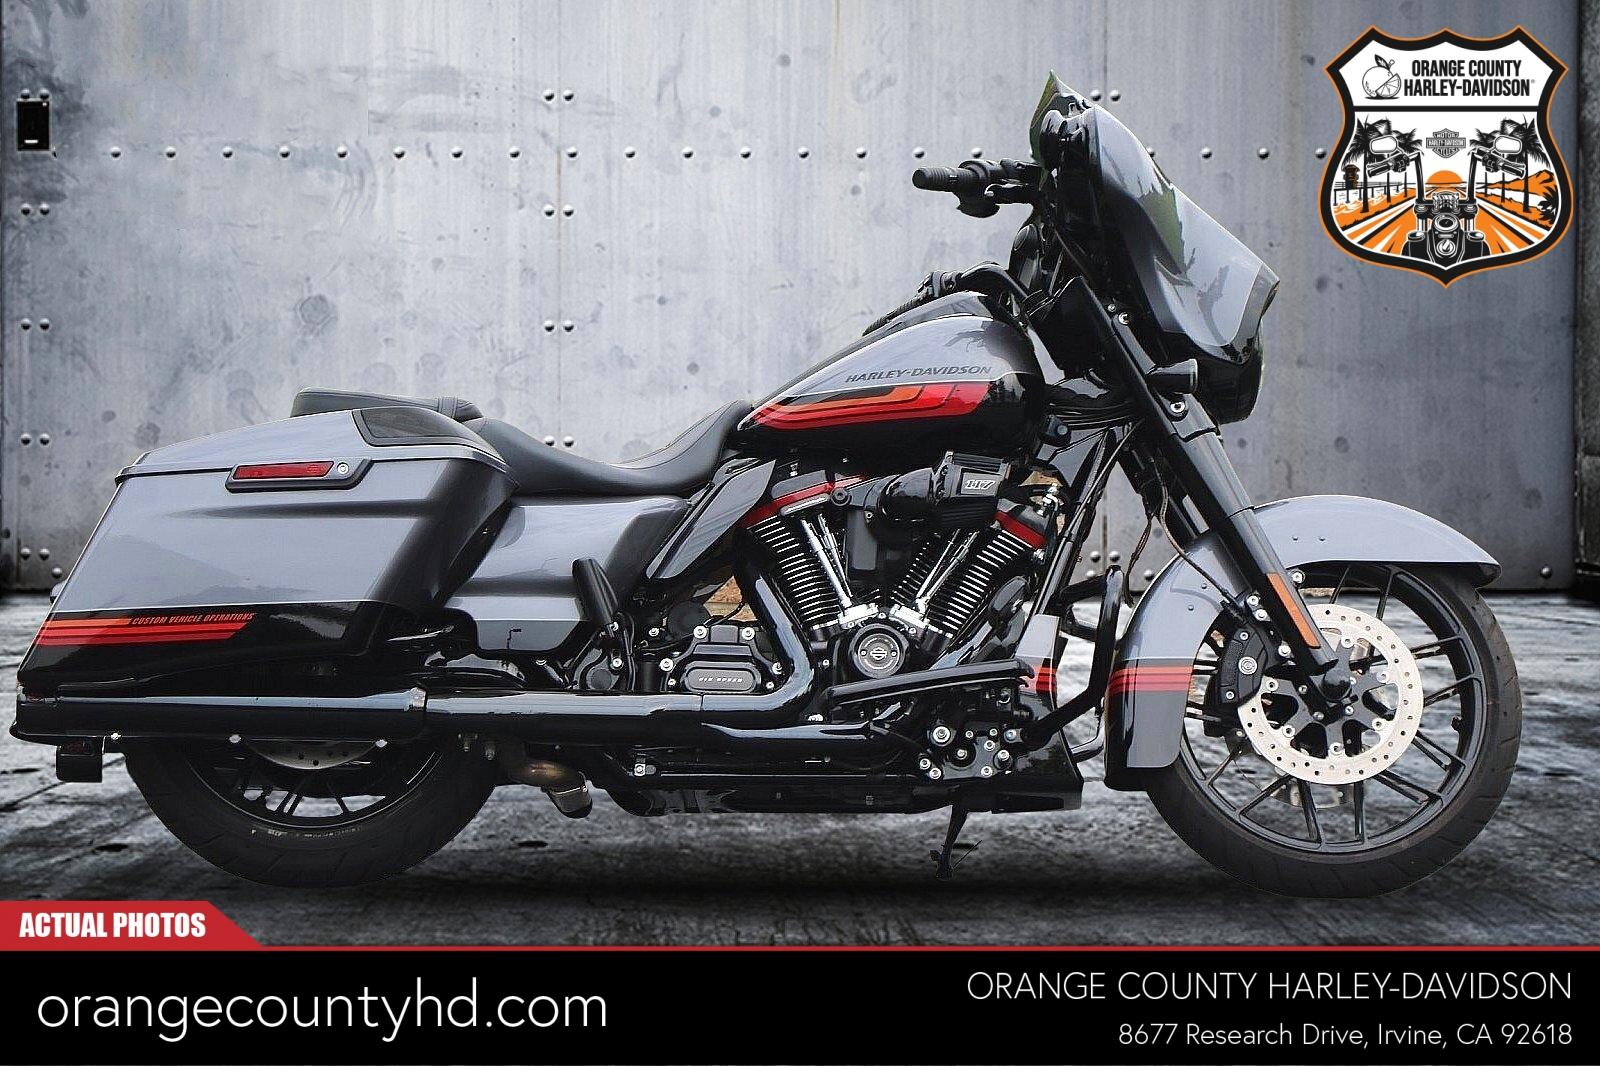 2020 Harley-Davidson CVO Street Glide [86]